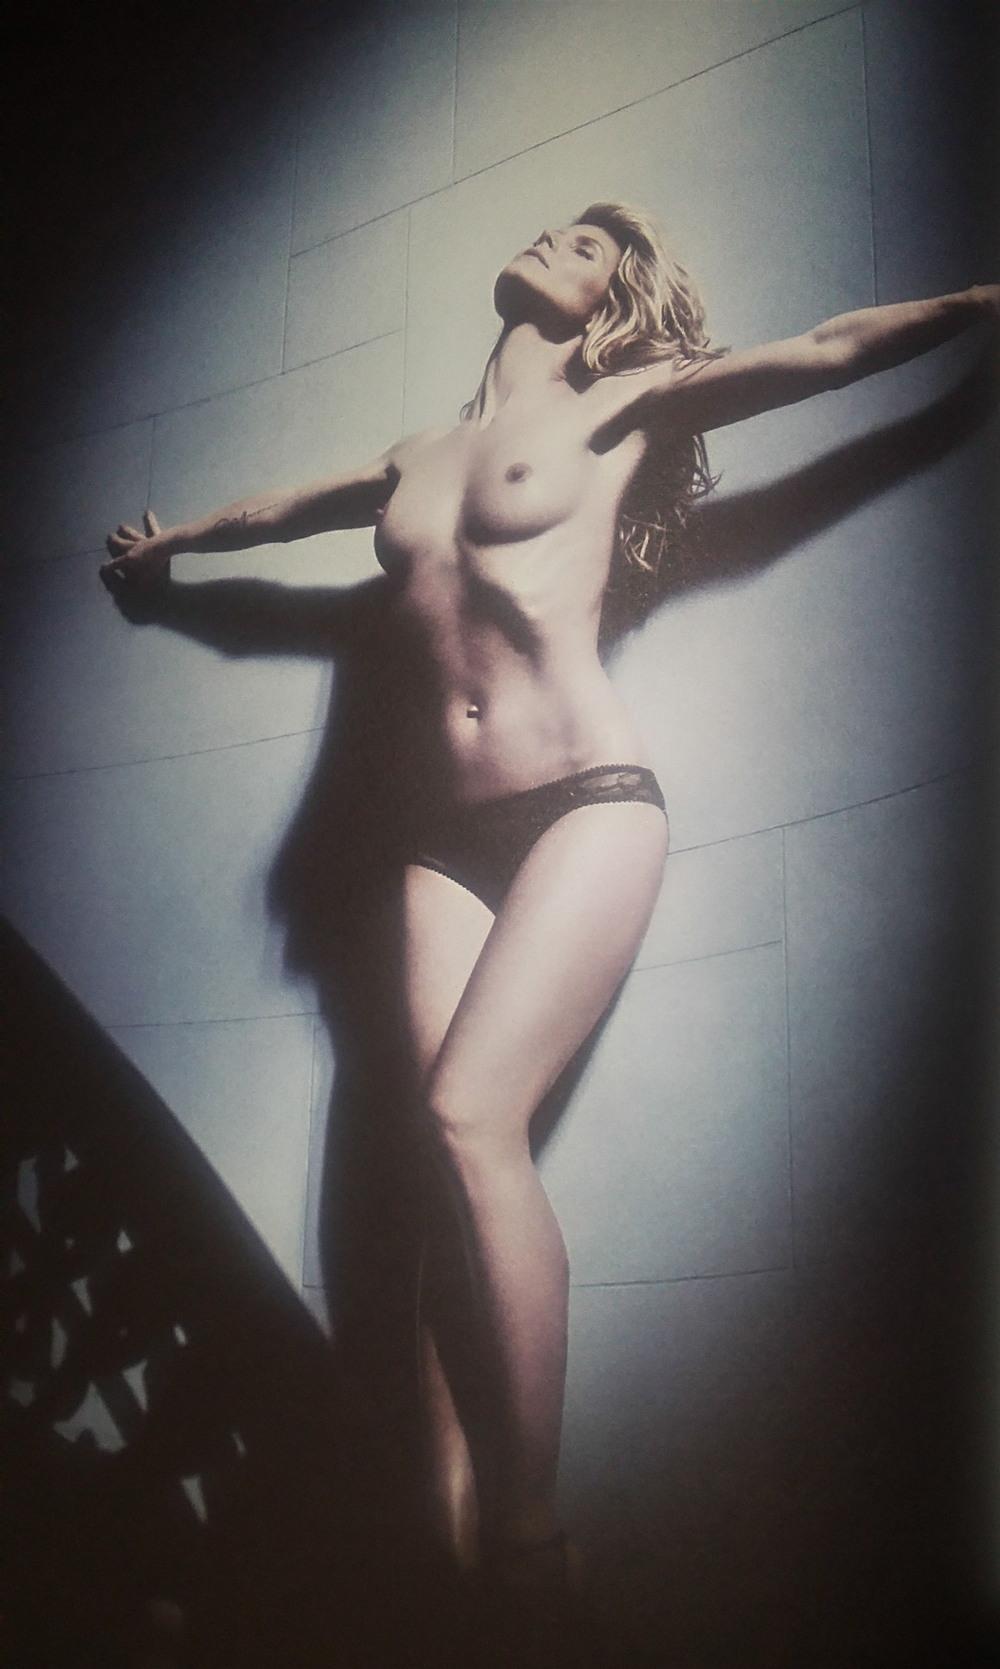 Звёзды 90-х и нулевых, чьи голые фото сливали в Сеть